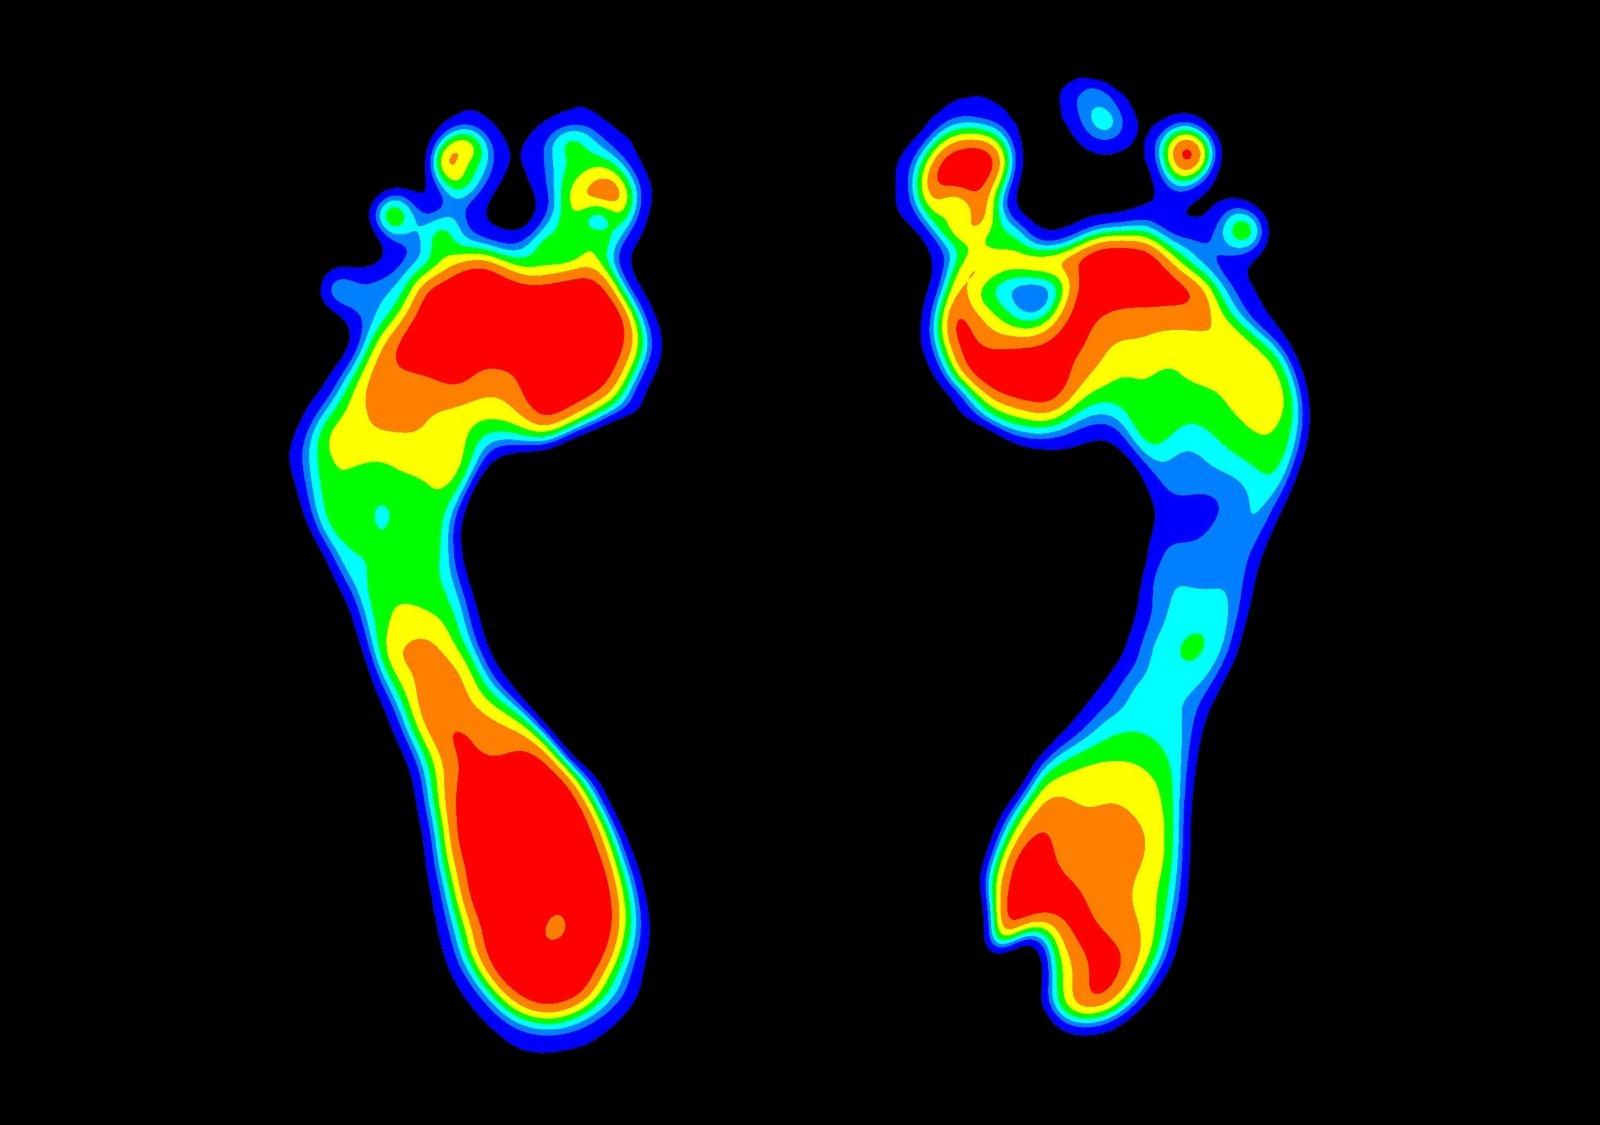 Grafico a pressione del piede, analisi della pressione del piede